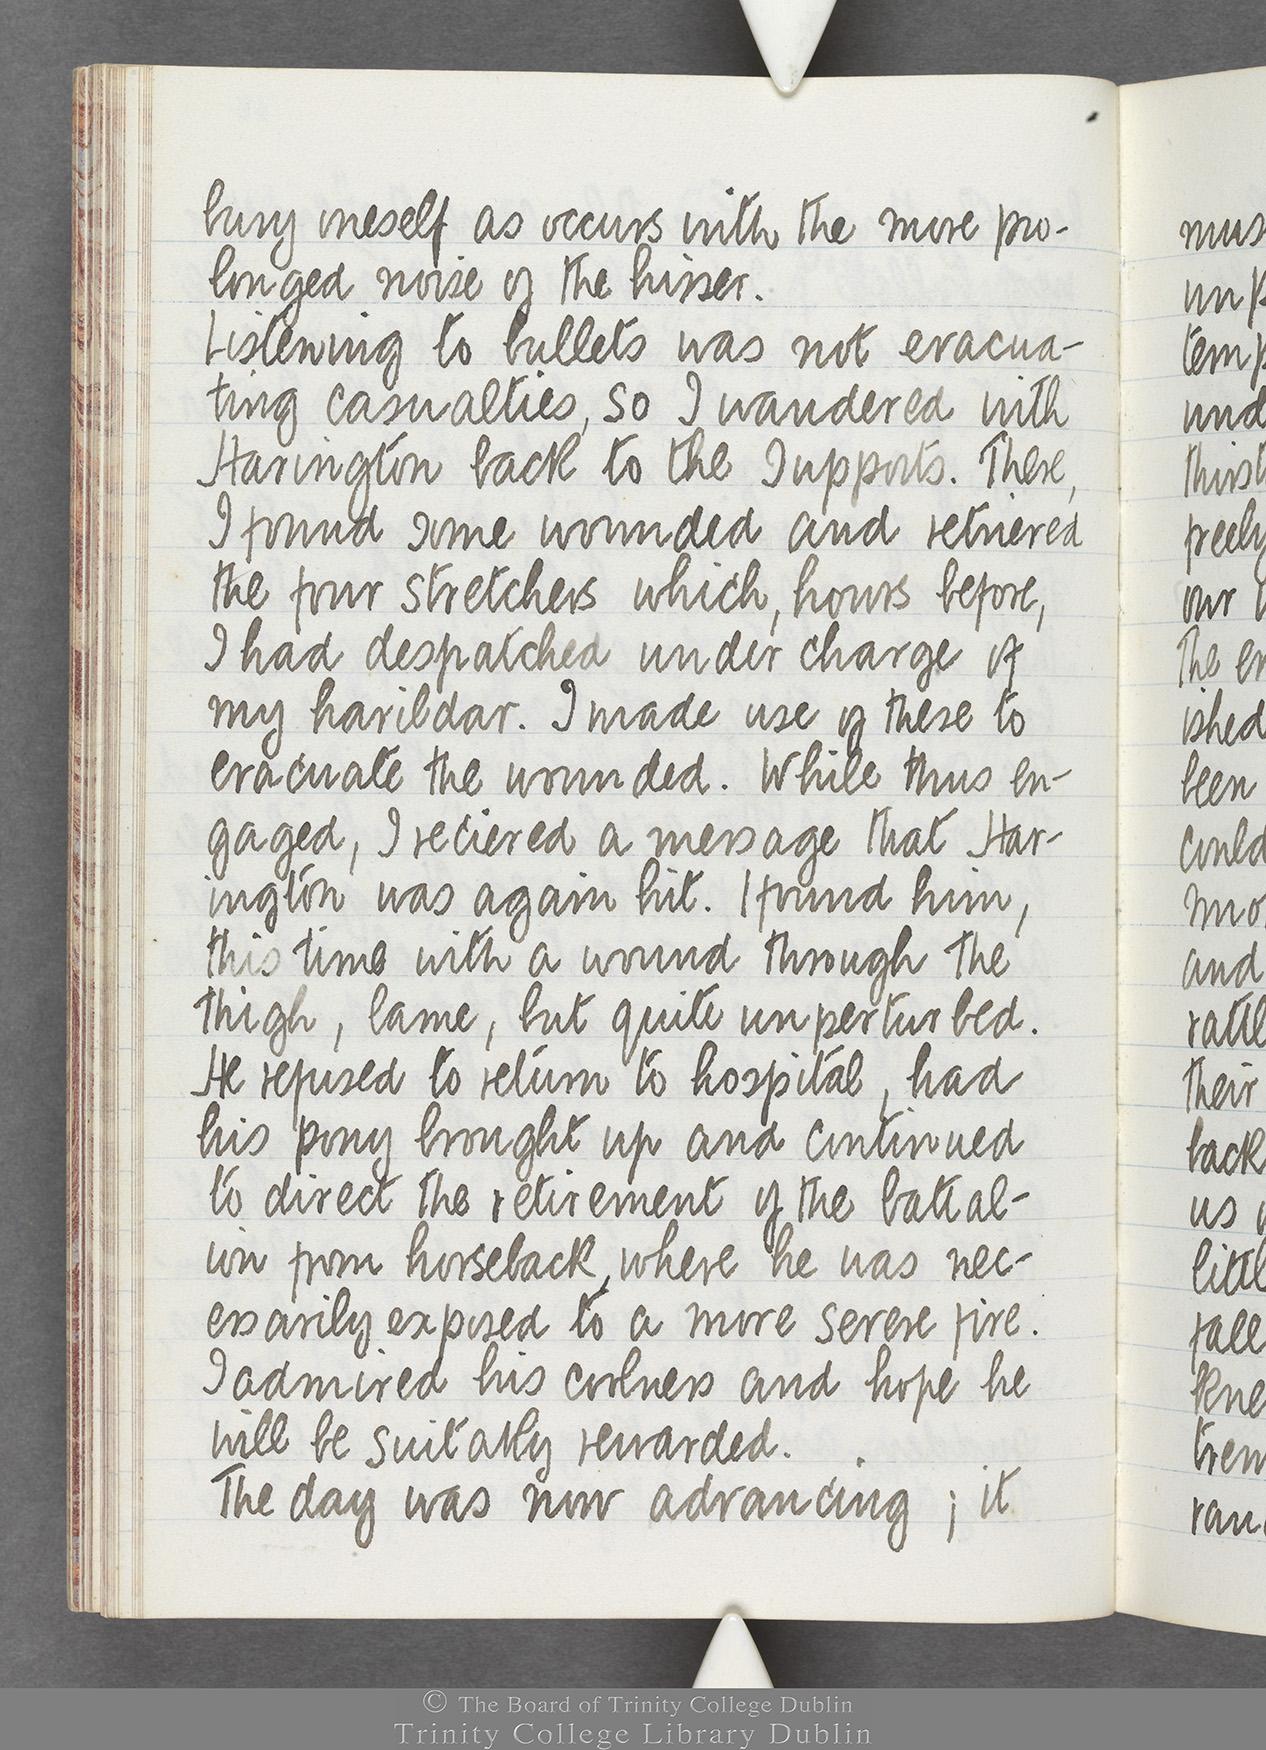 TCD MS 10516 folio 38 verso